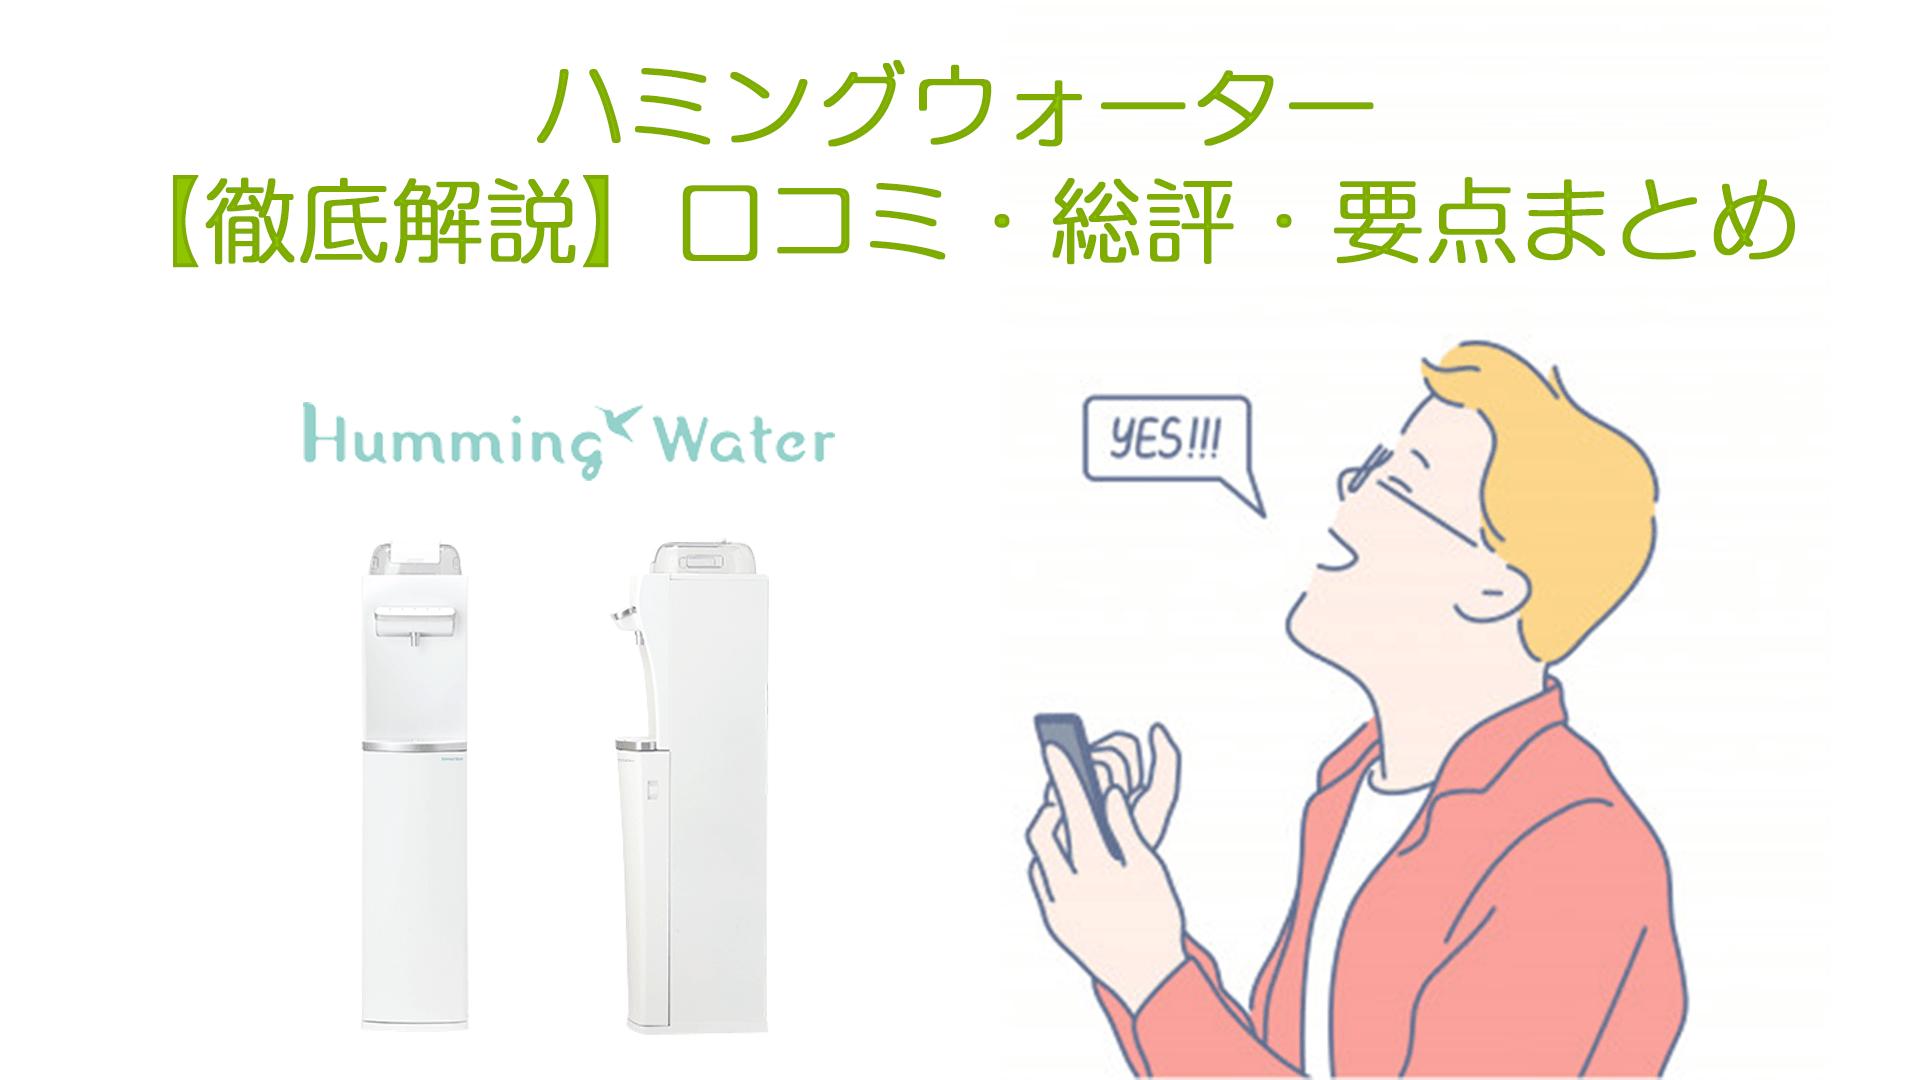 ハミングウォーター口コミ評判